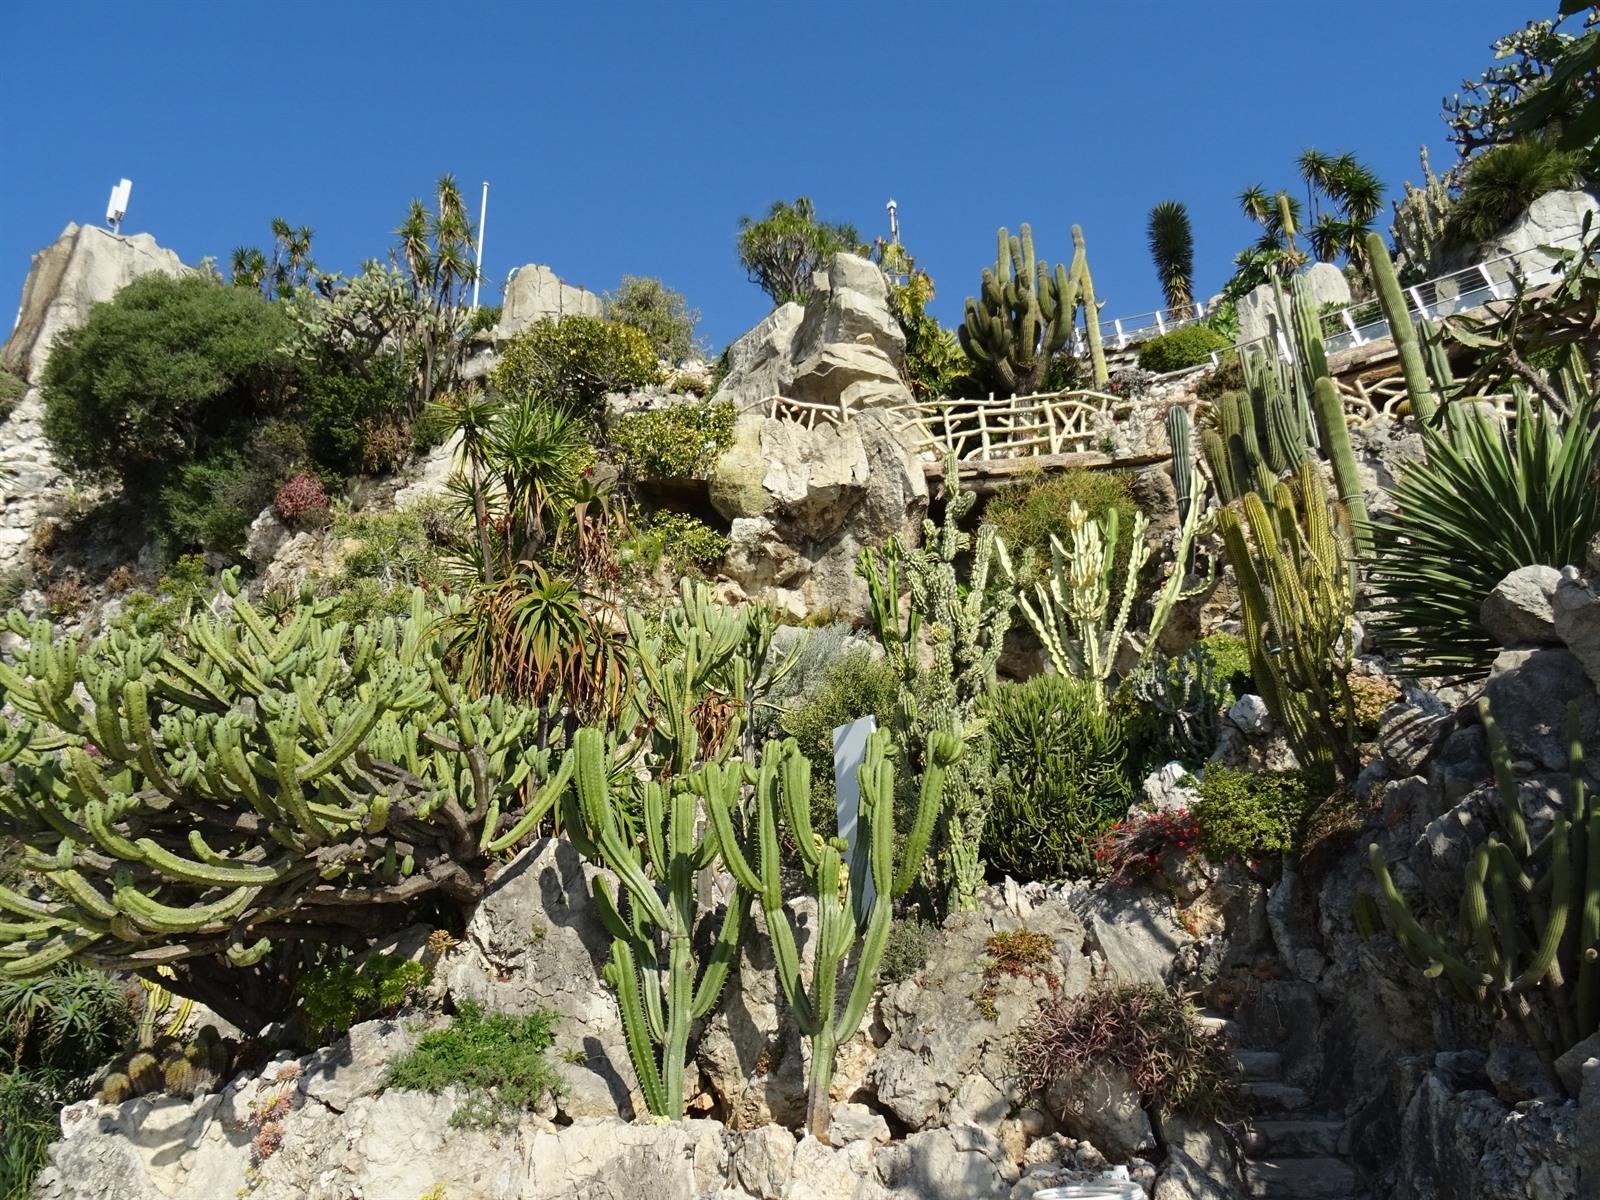 Lees onze tips voor de Jardin Exotique Monaco